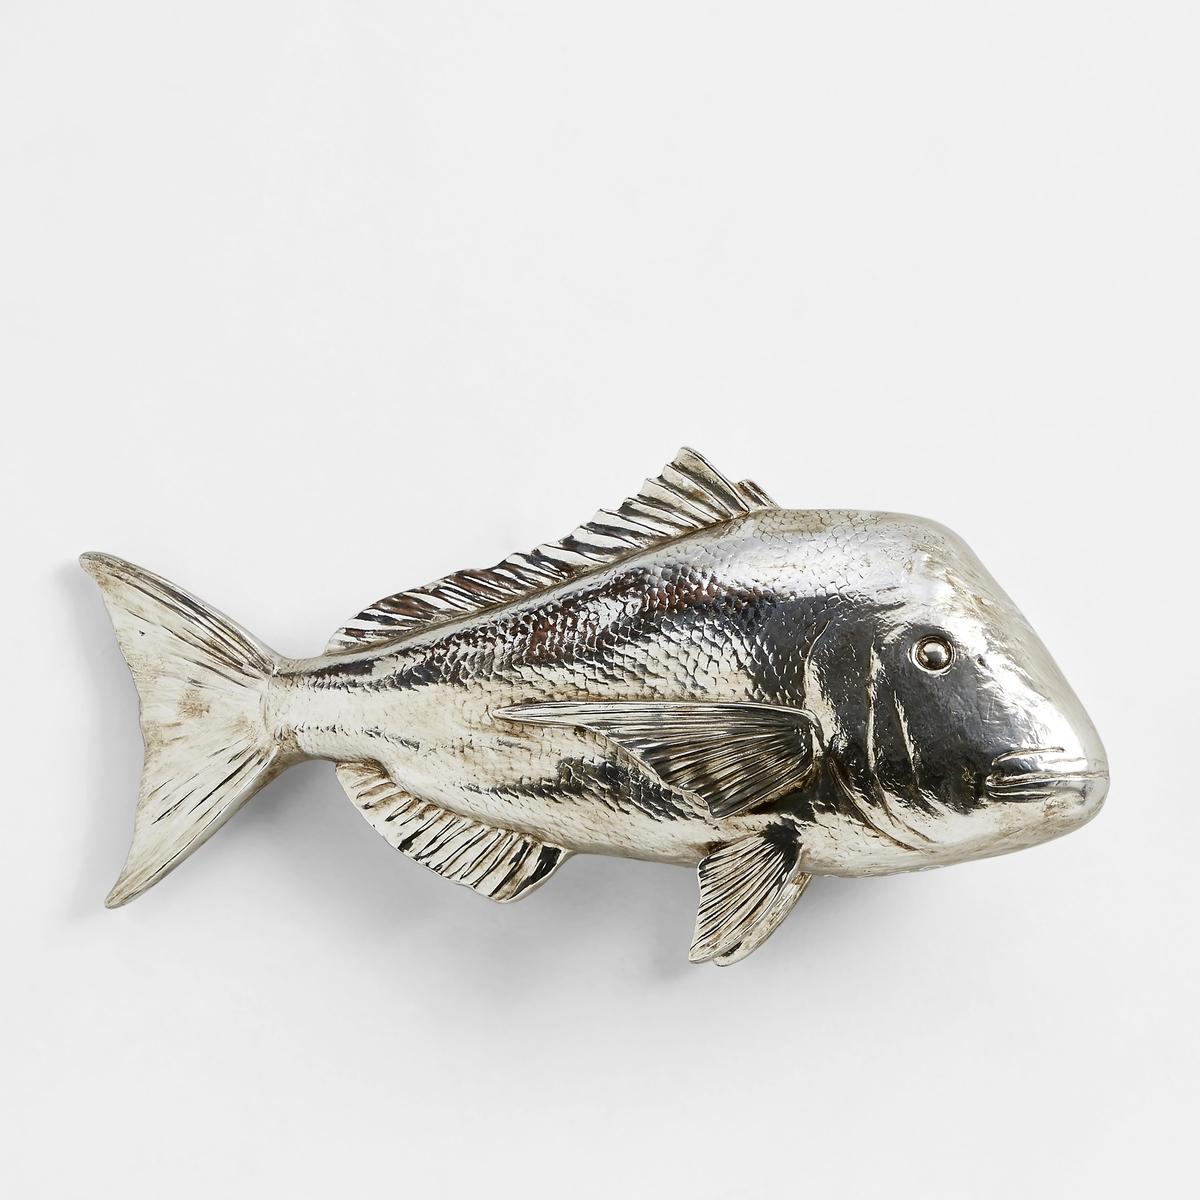 Рыба декоративная Lophius, модель 1Рыба Lophius. Идеальная декоративная фигура для украшения Вашего интерьераХарактеристики :- Из полистирола с серебристой отделкойРазмеры  : - Д69 x В32 x Г12 см<br><br>Цвет: серебристый<br>Размер: единый размер